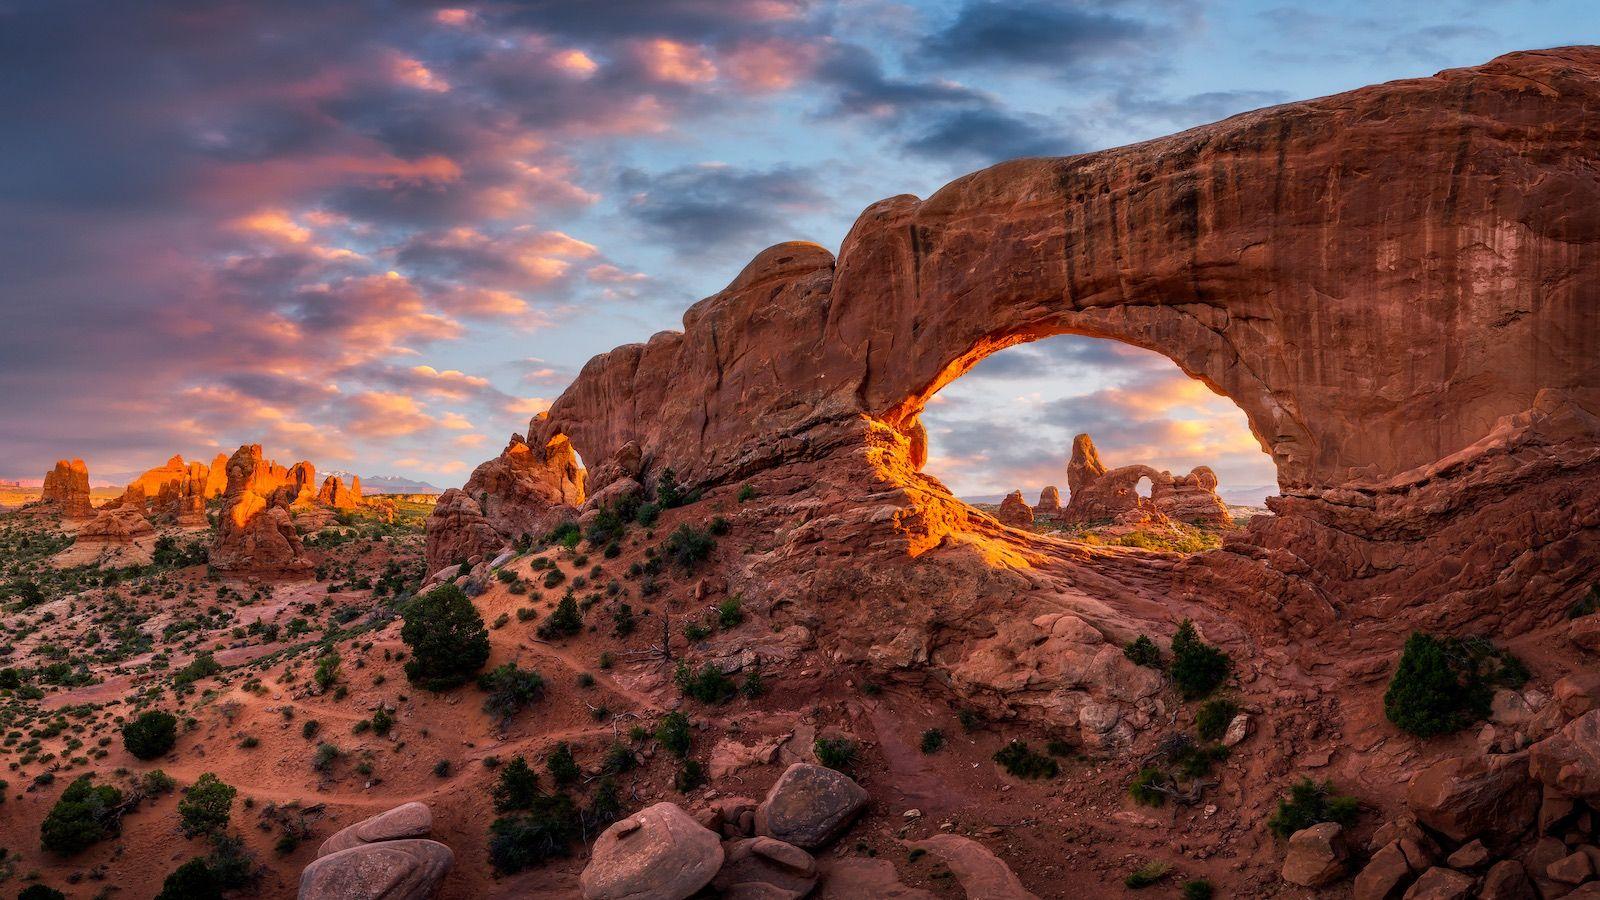 Moab Utah Arches National Park landscape destination